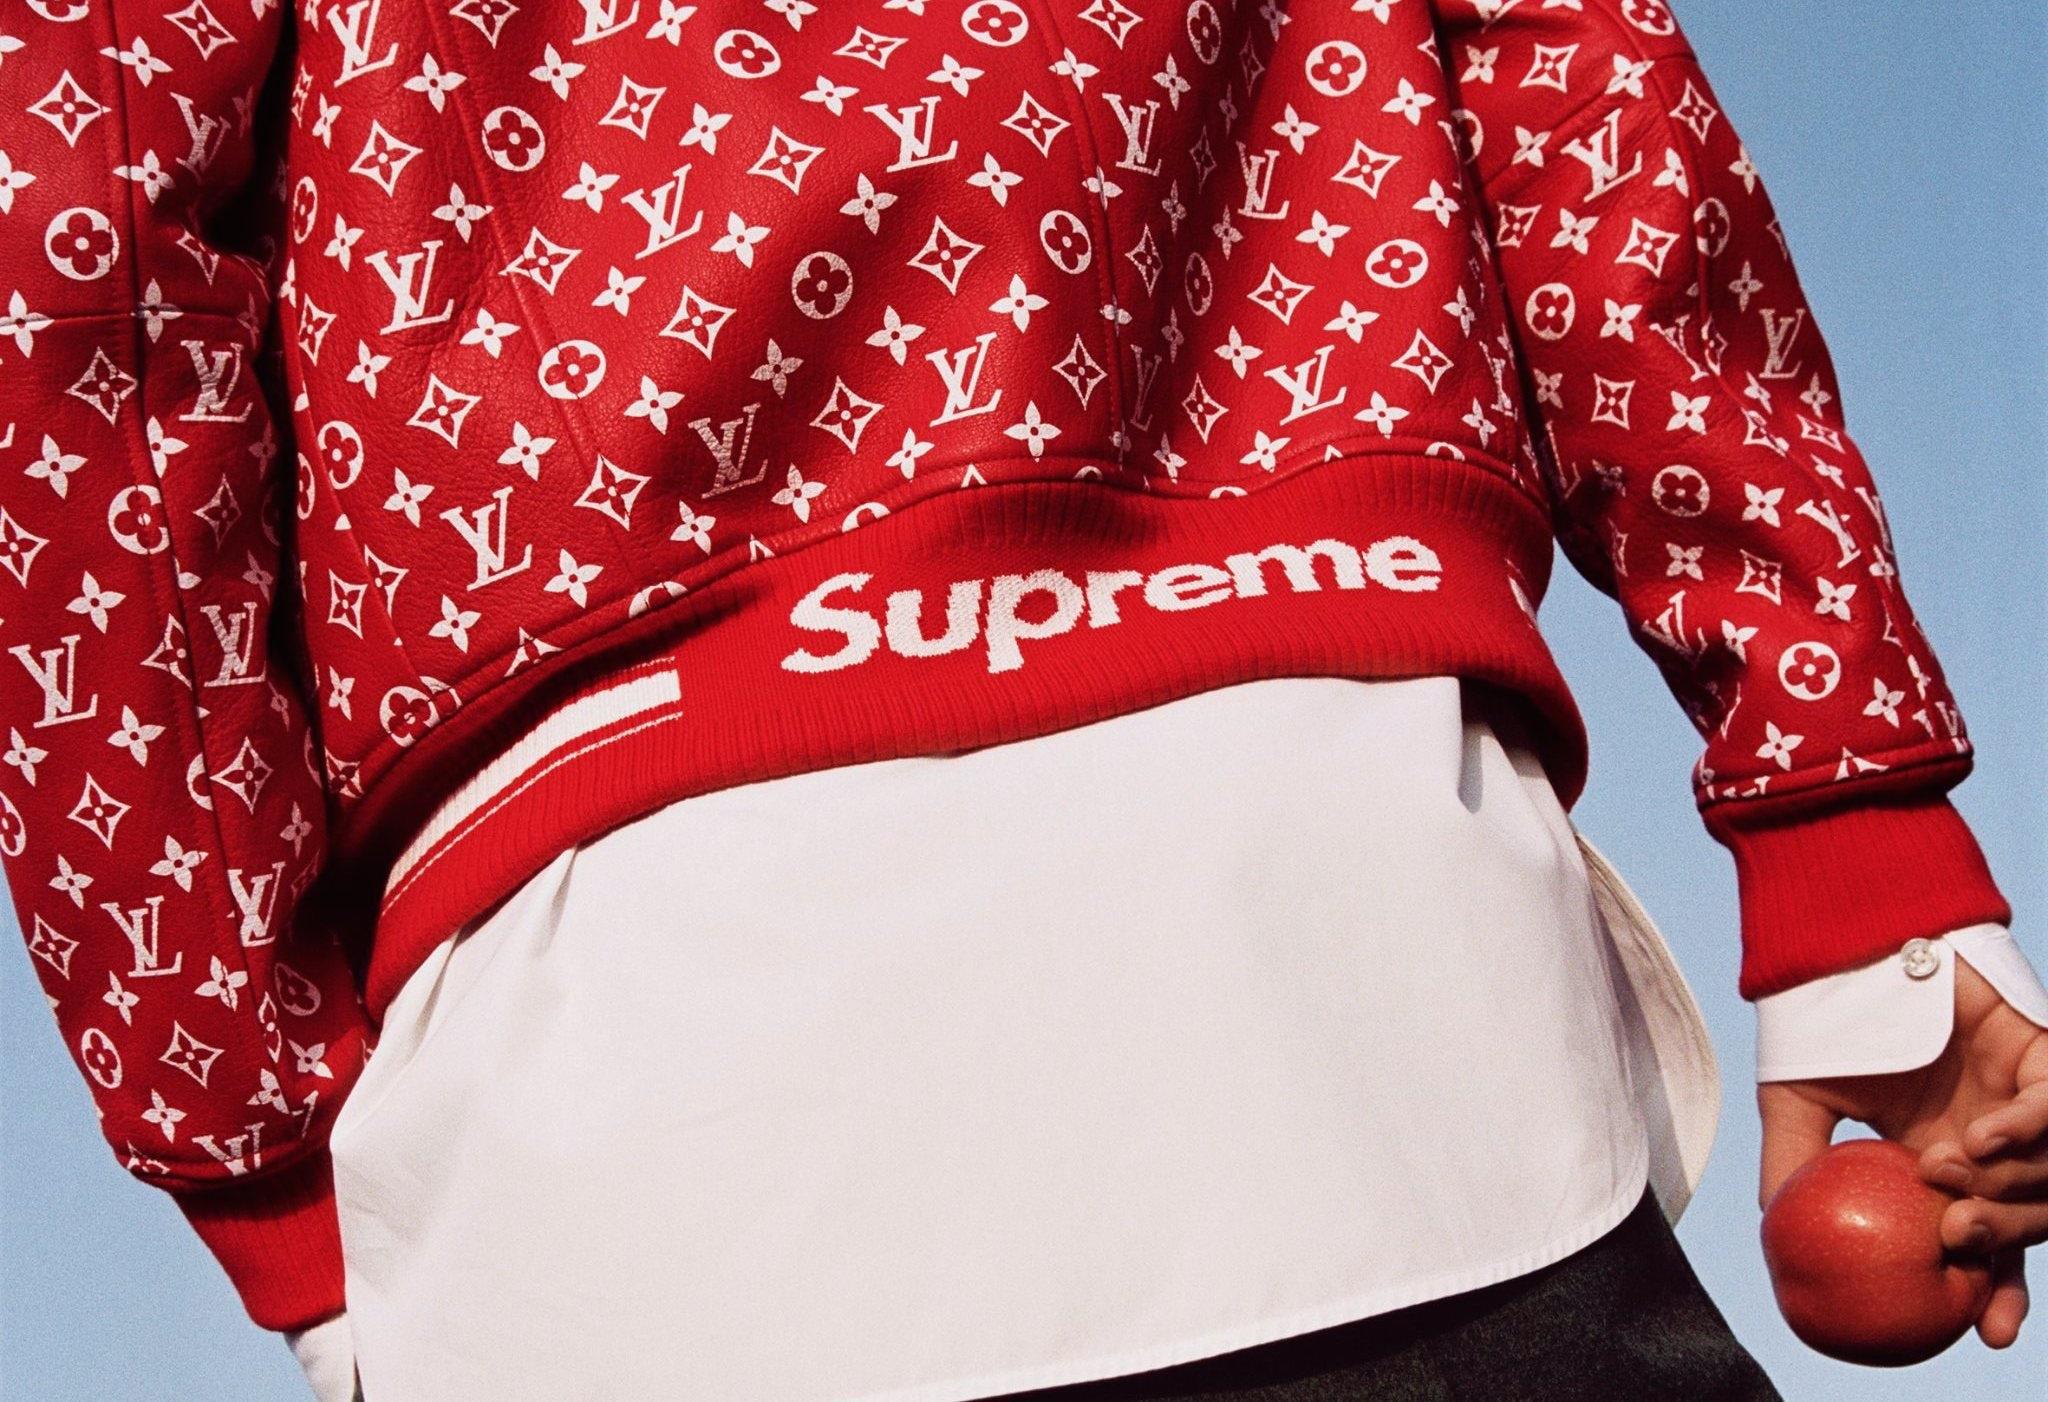 Bằng cách nào mà Supreme tạo ra chiếc Logo có giá trị nhất thế giới? marketingreview.vn